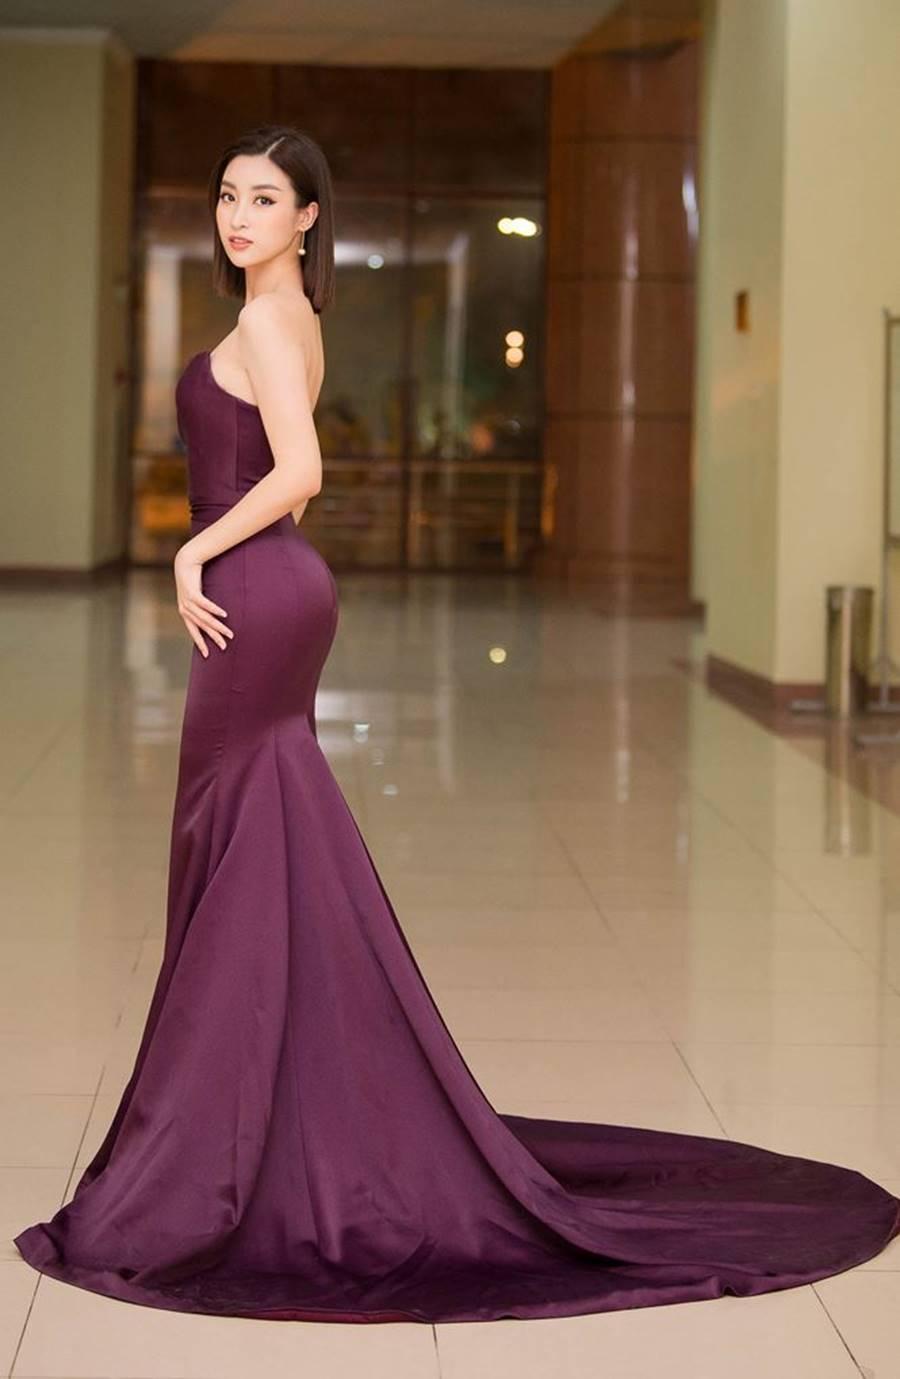 Hoa hậu Tiểu Vy, Á hậu Phương Nga đốn tim fans với váy áo lộng lẫy-16